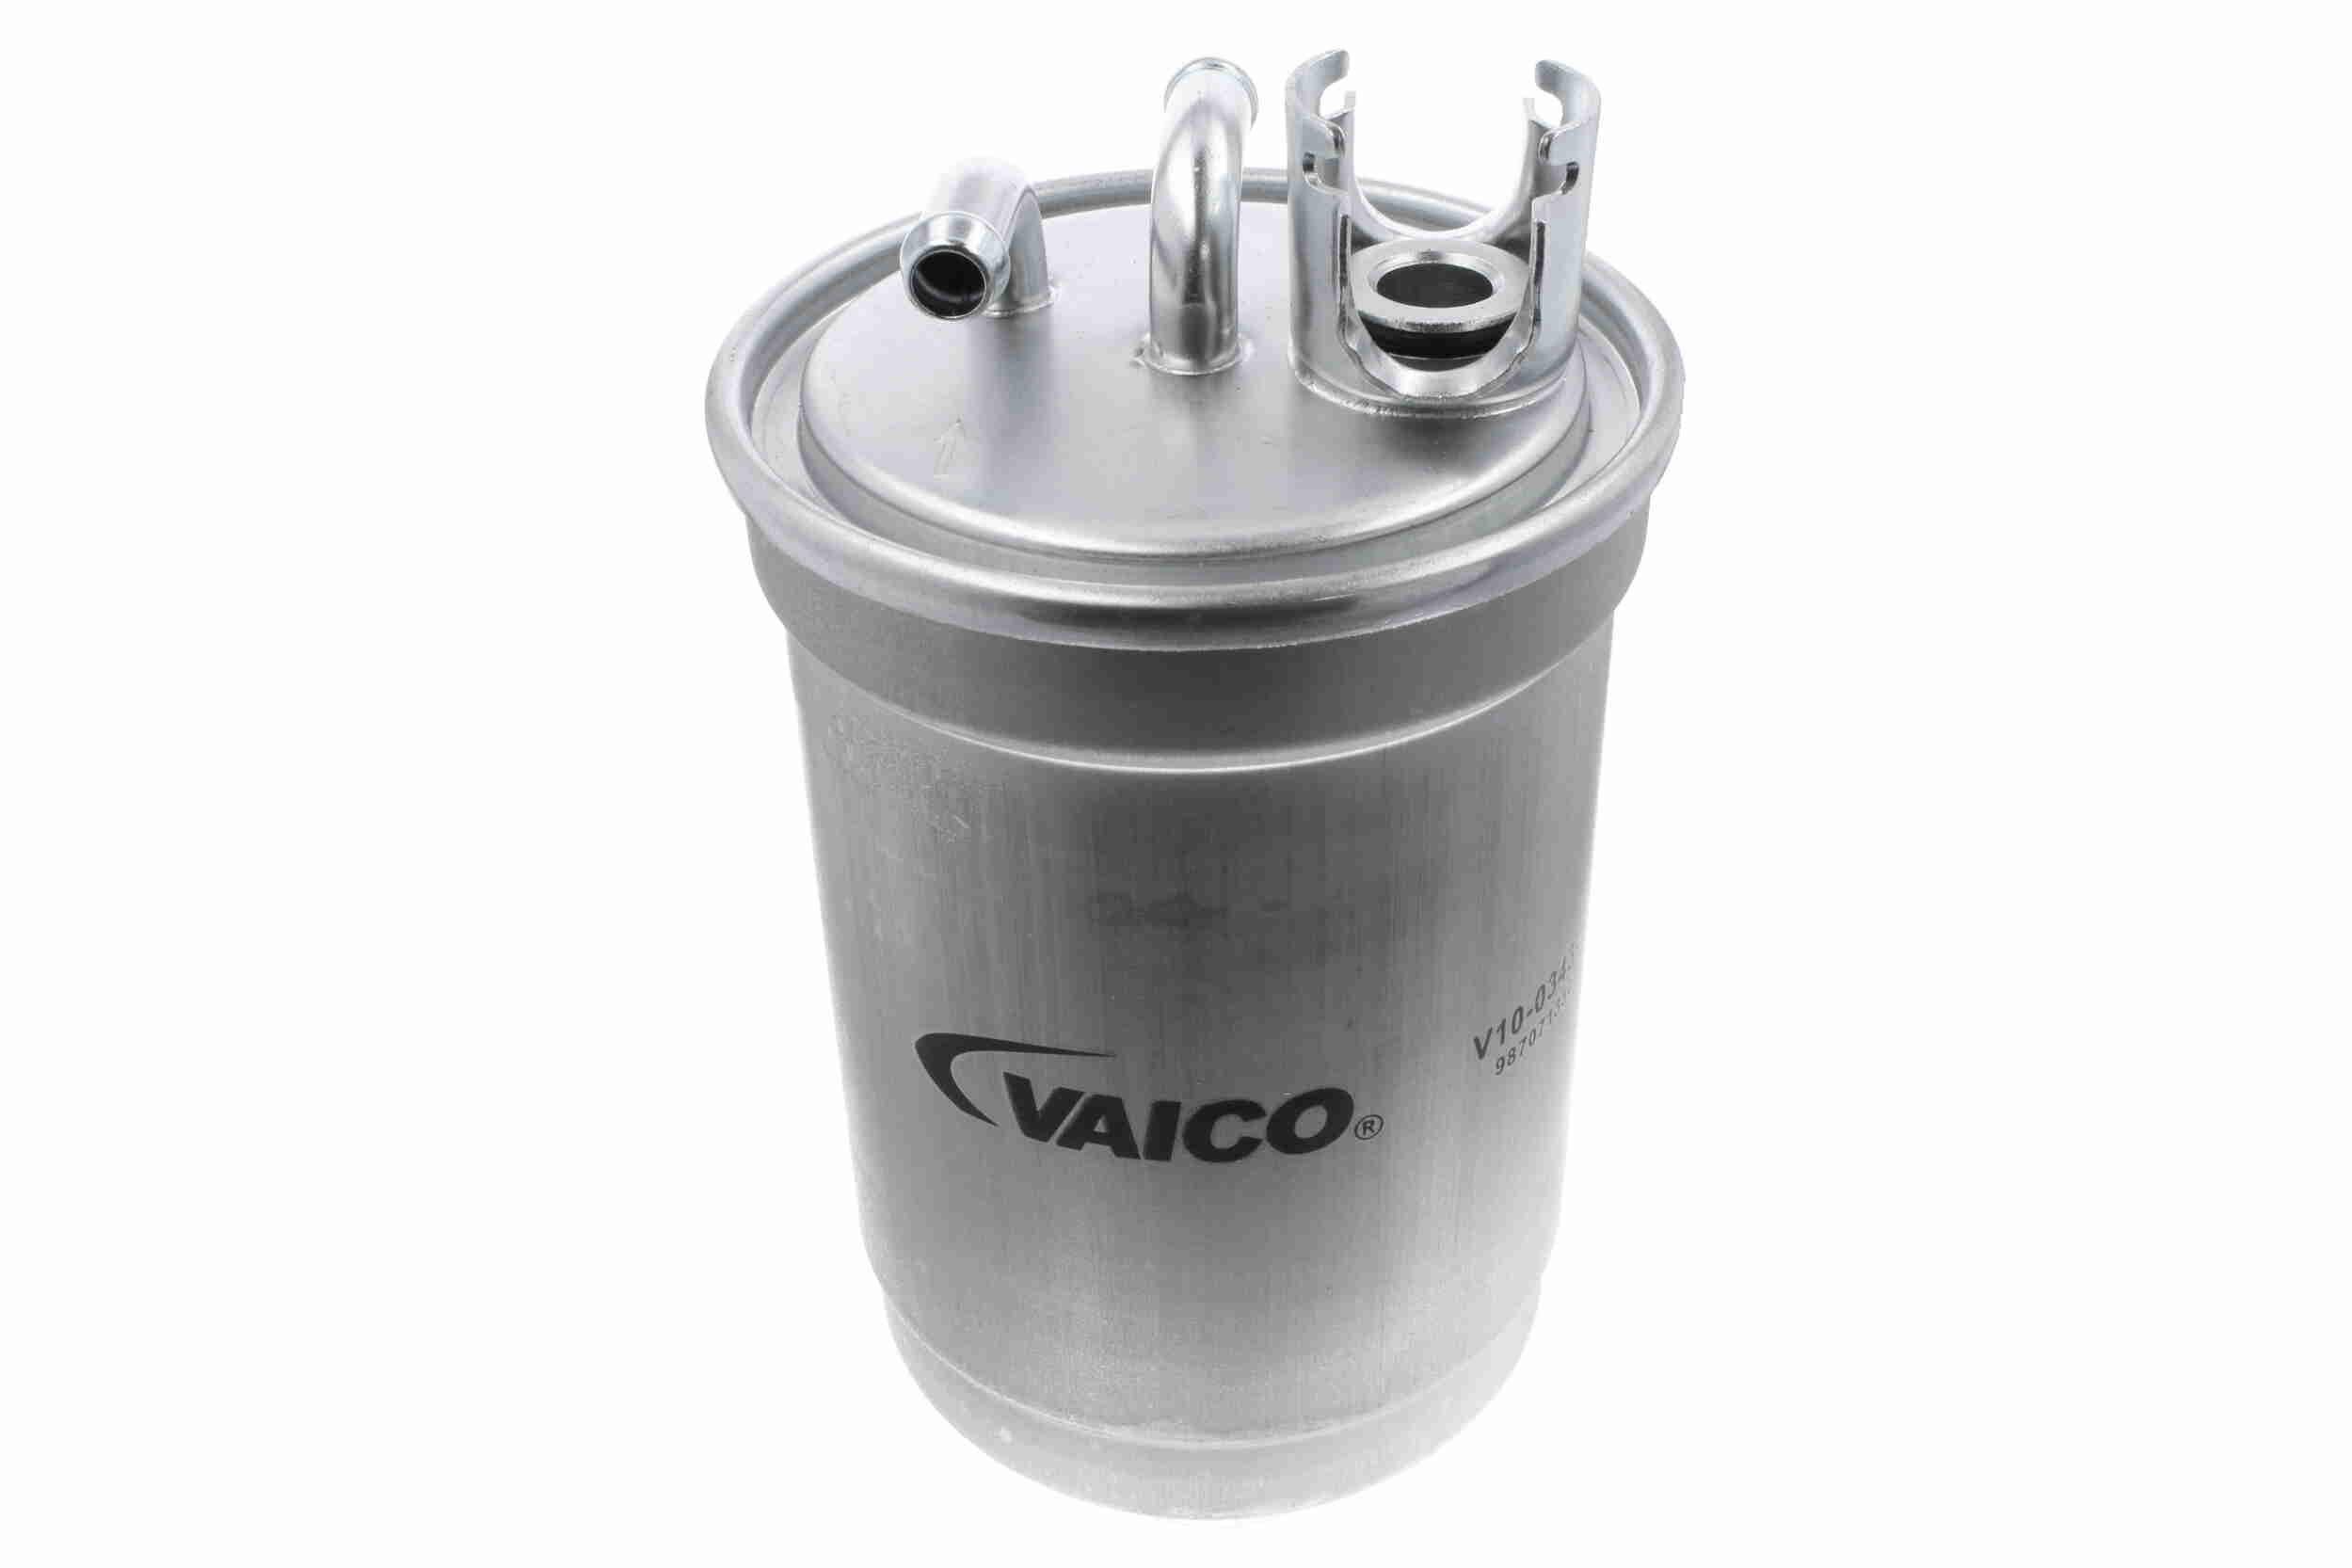 V10-0343-1 Palivovy filtr VAICO - Levné značkové produkty